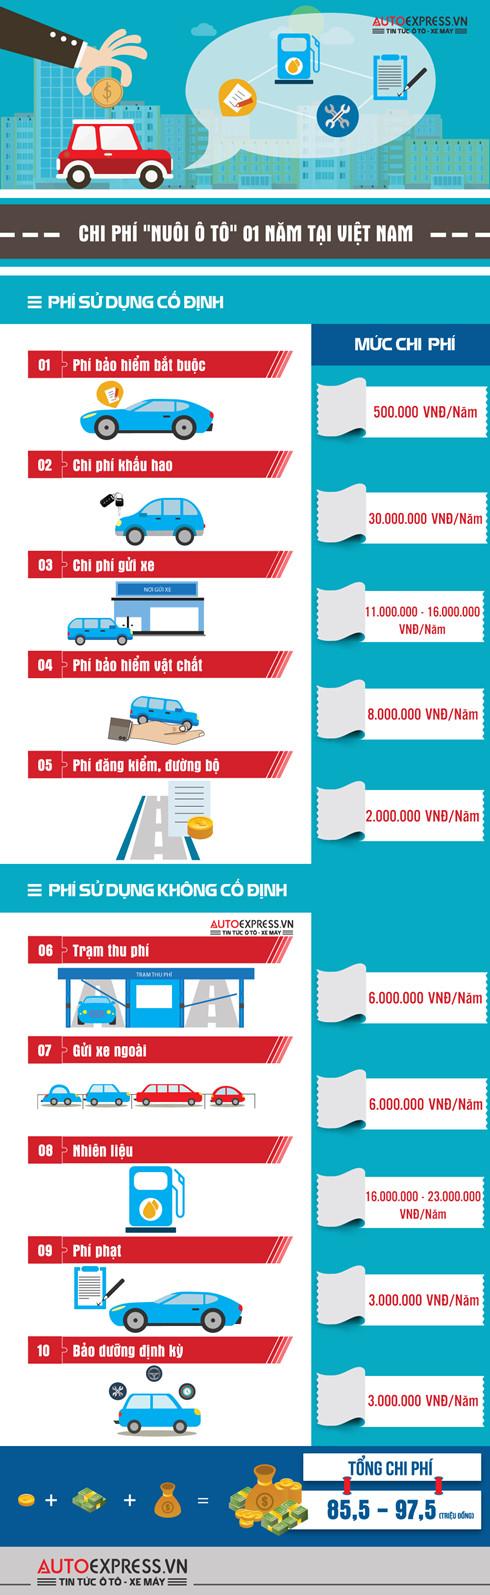 Chi phí nuôi ô tô 1 năm tại Việt Nam là bao nhiêu